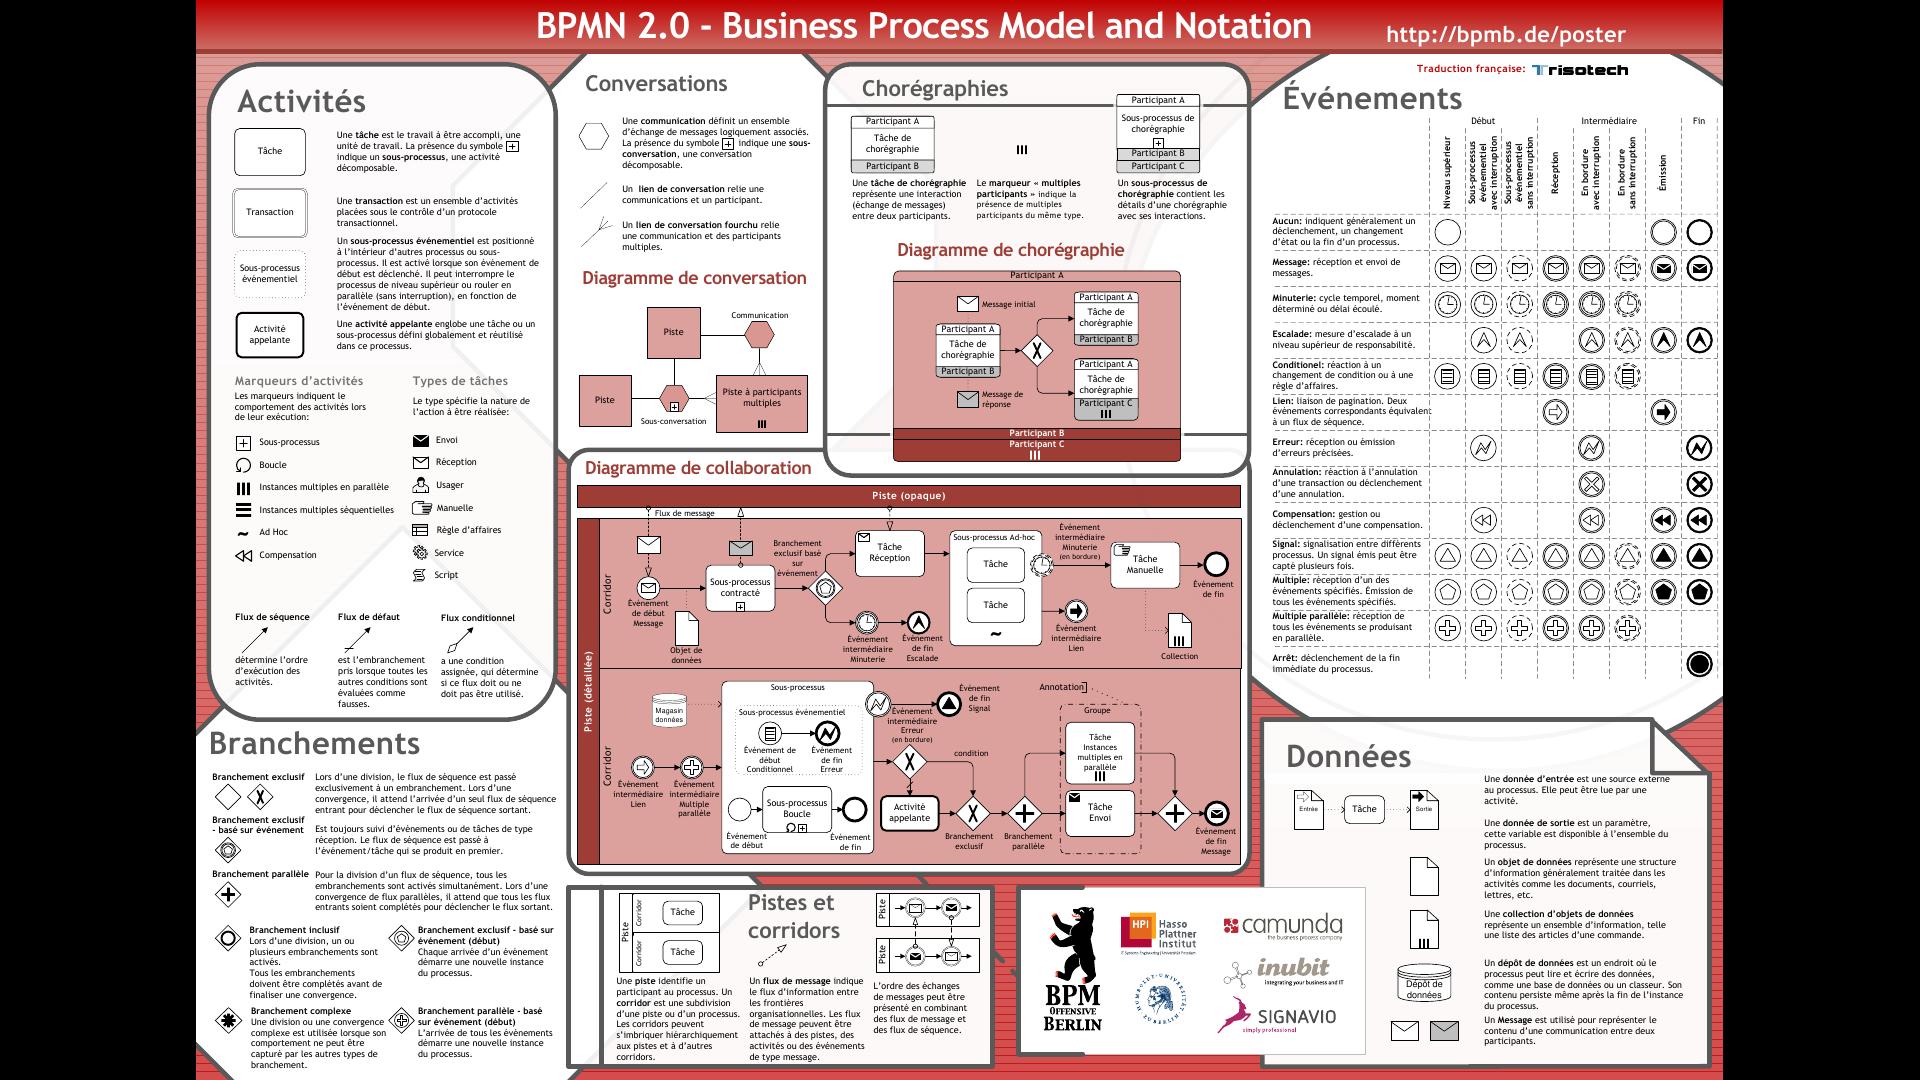 Моделирование бизнес процессов. Нотация BPMN — базовые элементы